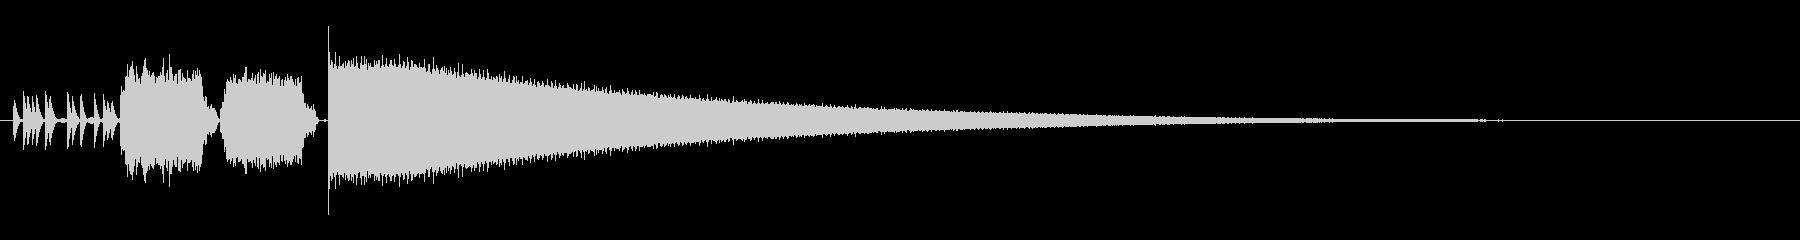 8bitレジ音の未再生の波形